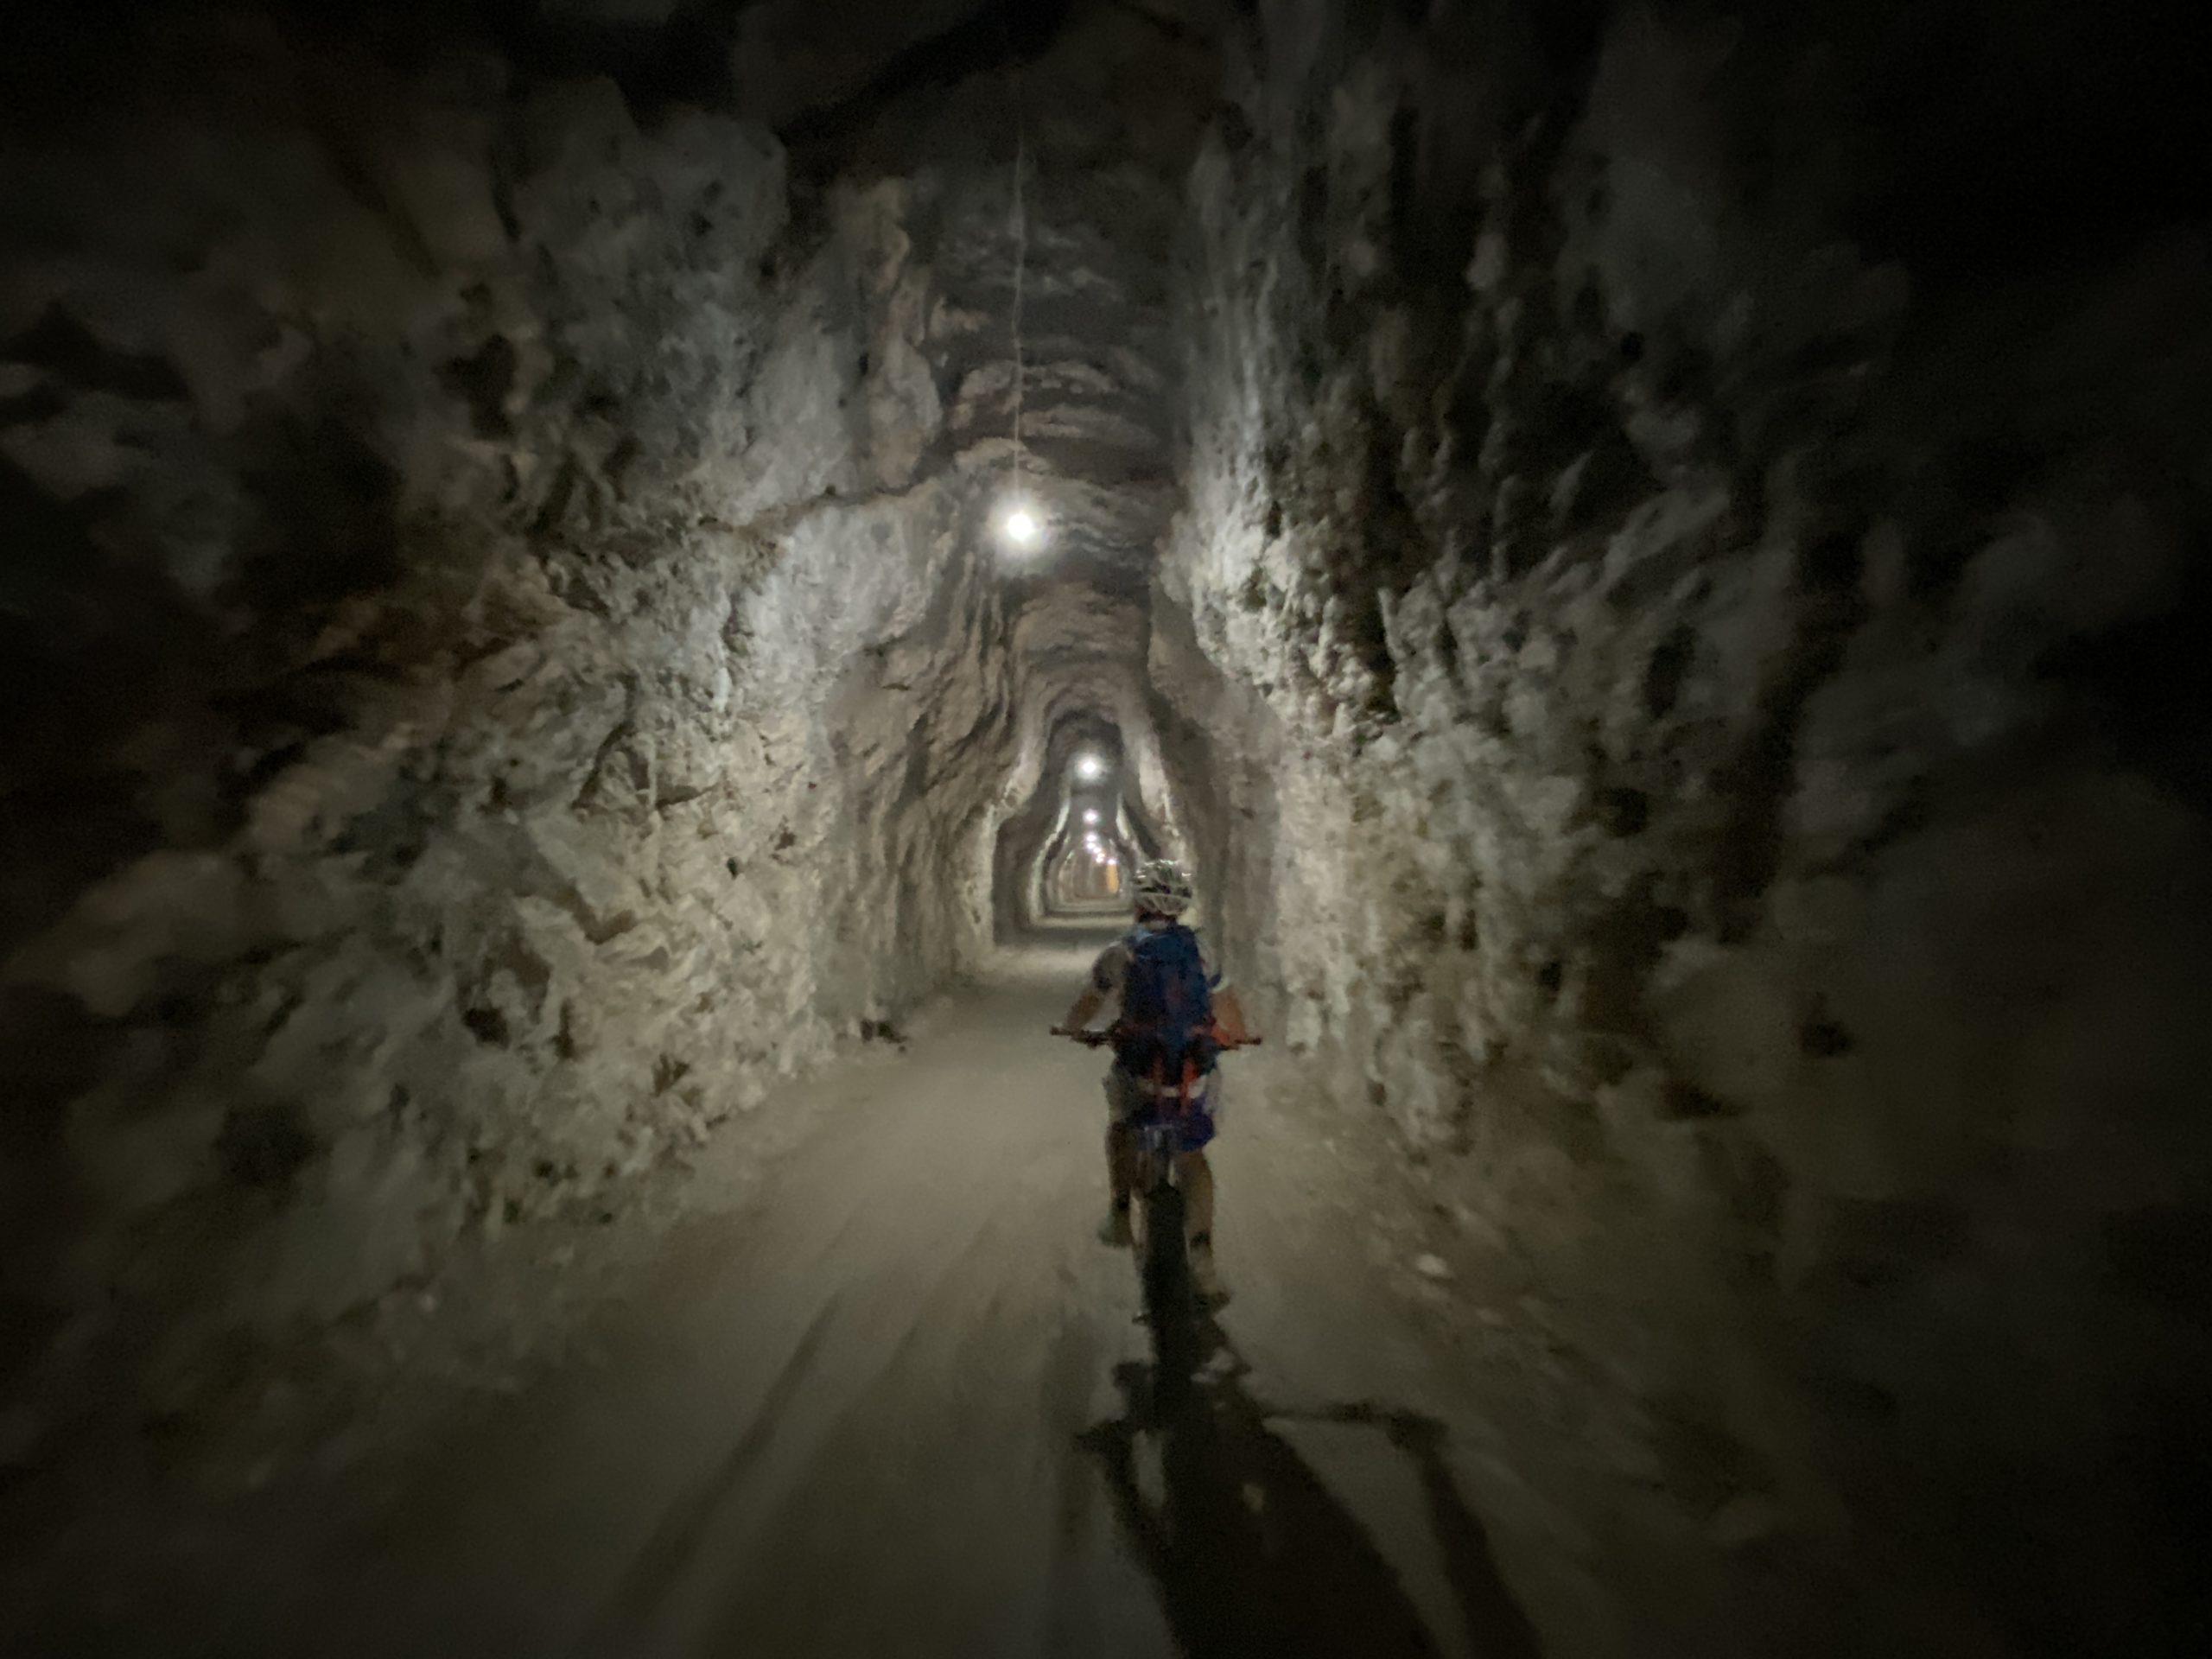 ciclabile delle Dolomiti, ciclabile Cortina Dobbiaco, visit Southtyrol, viaggiatore lento, dolomiti, sudtirol, Südtirol, cicloturismo, Dobbiaco, lago di dobbiaco, Cortina d'Ampezzo, ciclovia, cicloturismo, ciclabili Alto Adige, veneto vecchie ferrovie